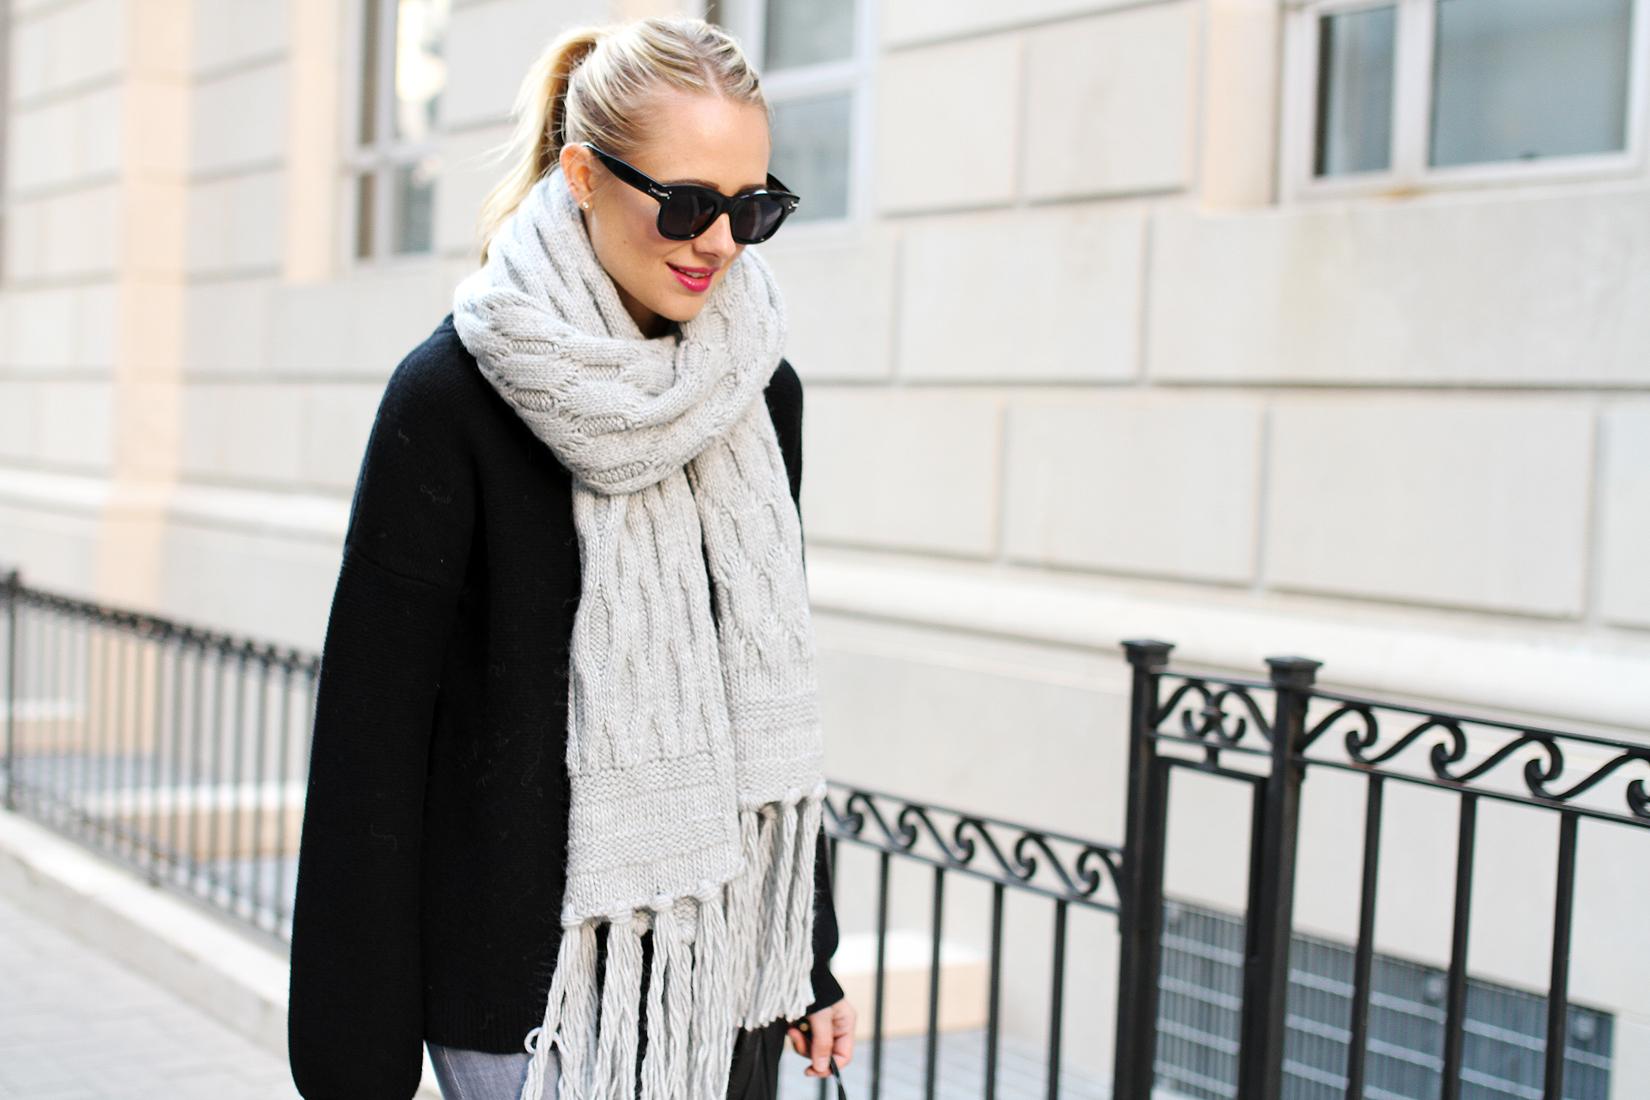 fashion-jackson-banana-republic-grey-fringe-scarf-black-celine-sunglasses-black-oversized-sweater